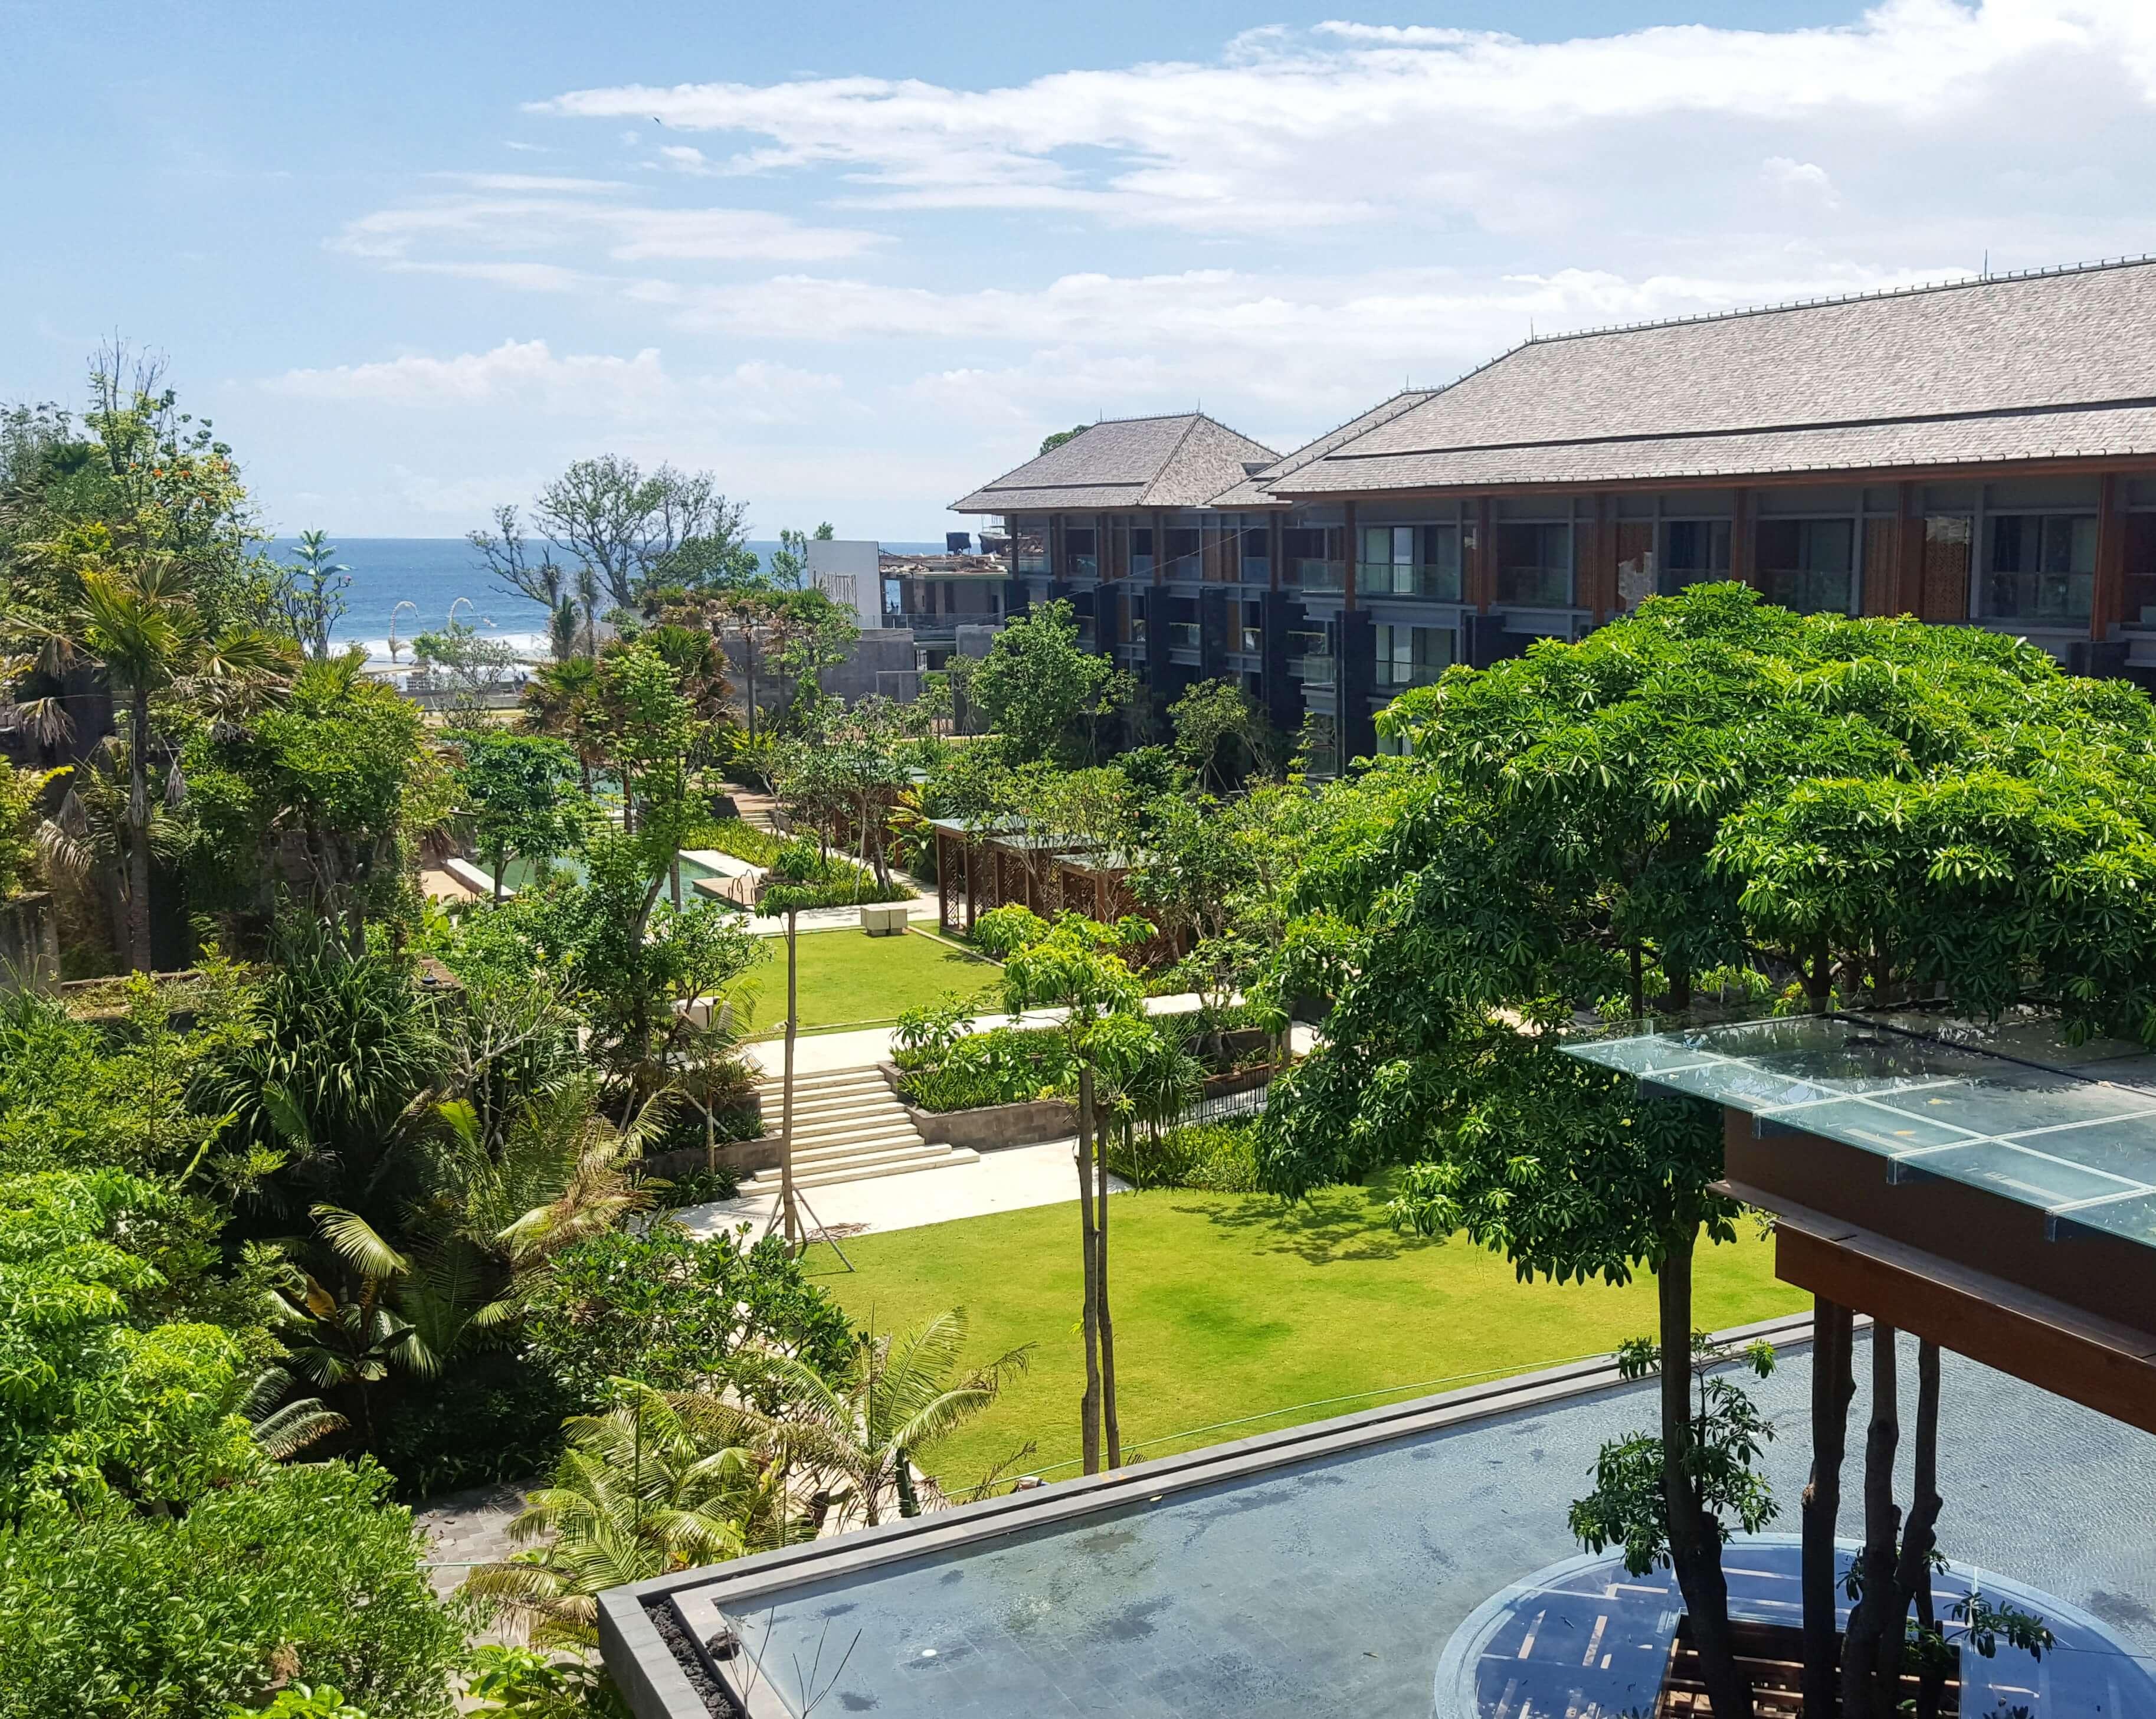 Hotel Indigo Bali Seminyak Beach The Bible Voucher Ayodya Resort Deluxe Bed An Breakfast 4 174